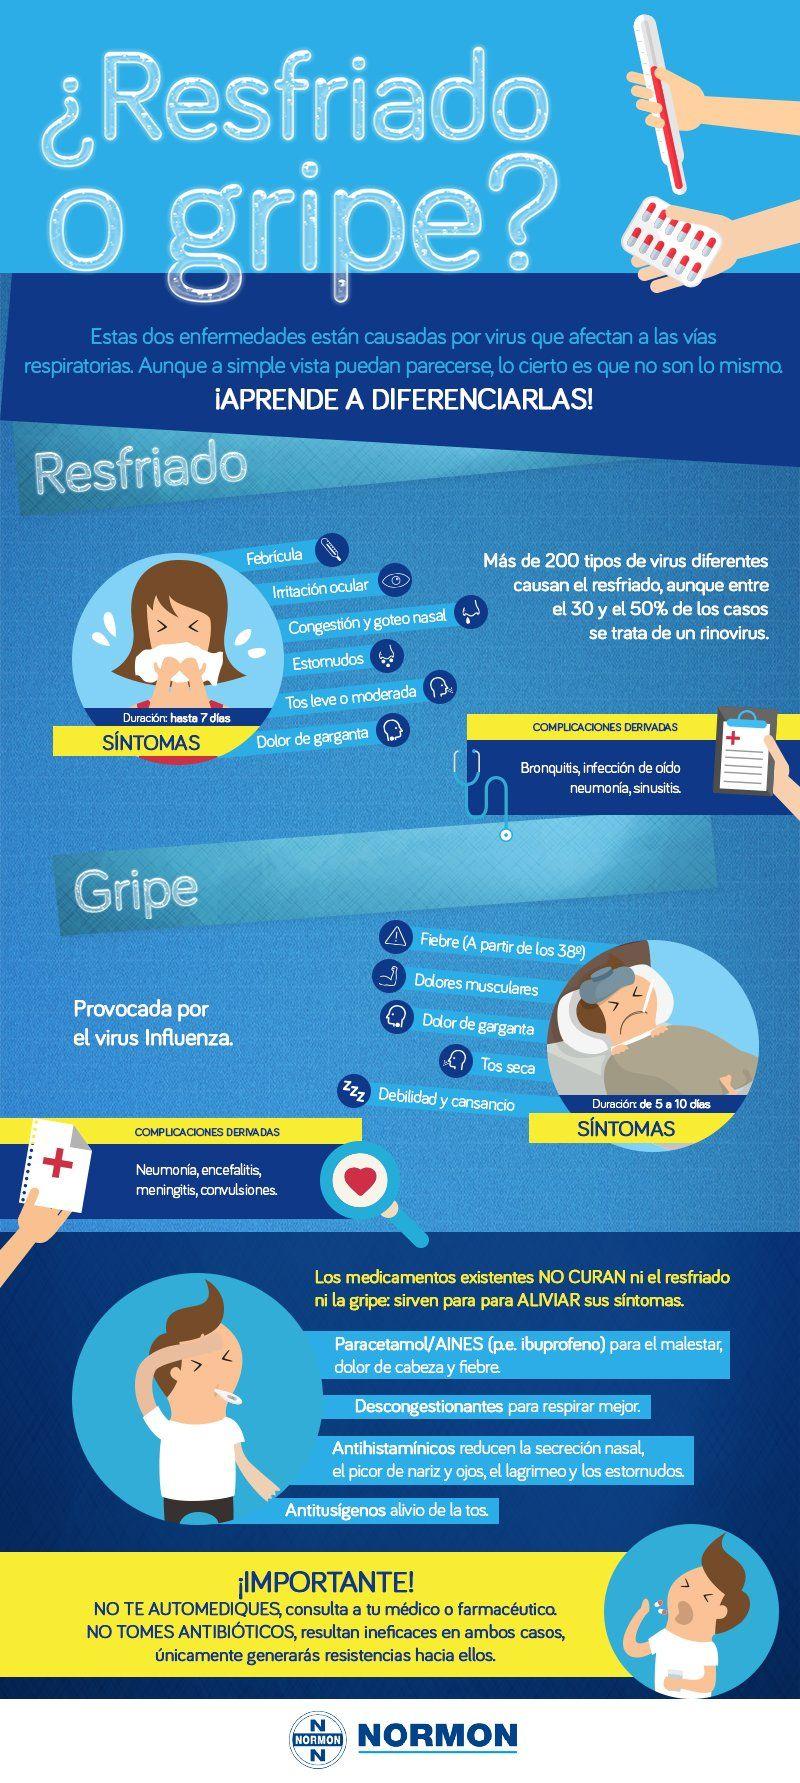 Resfriado o Gripe? Aprende a diferenciarlas | La salud | Pinterest ...